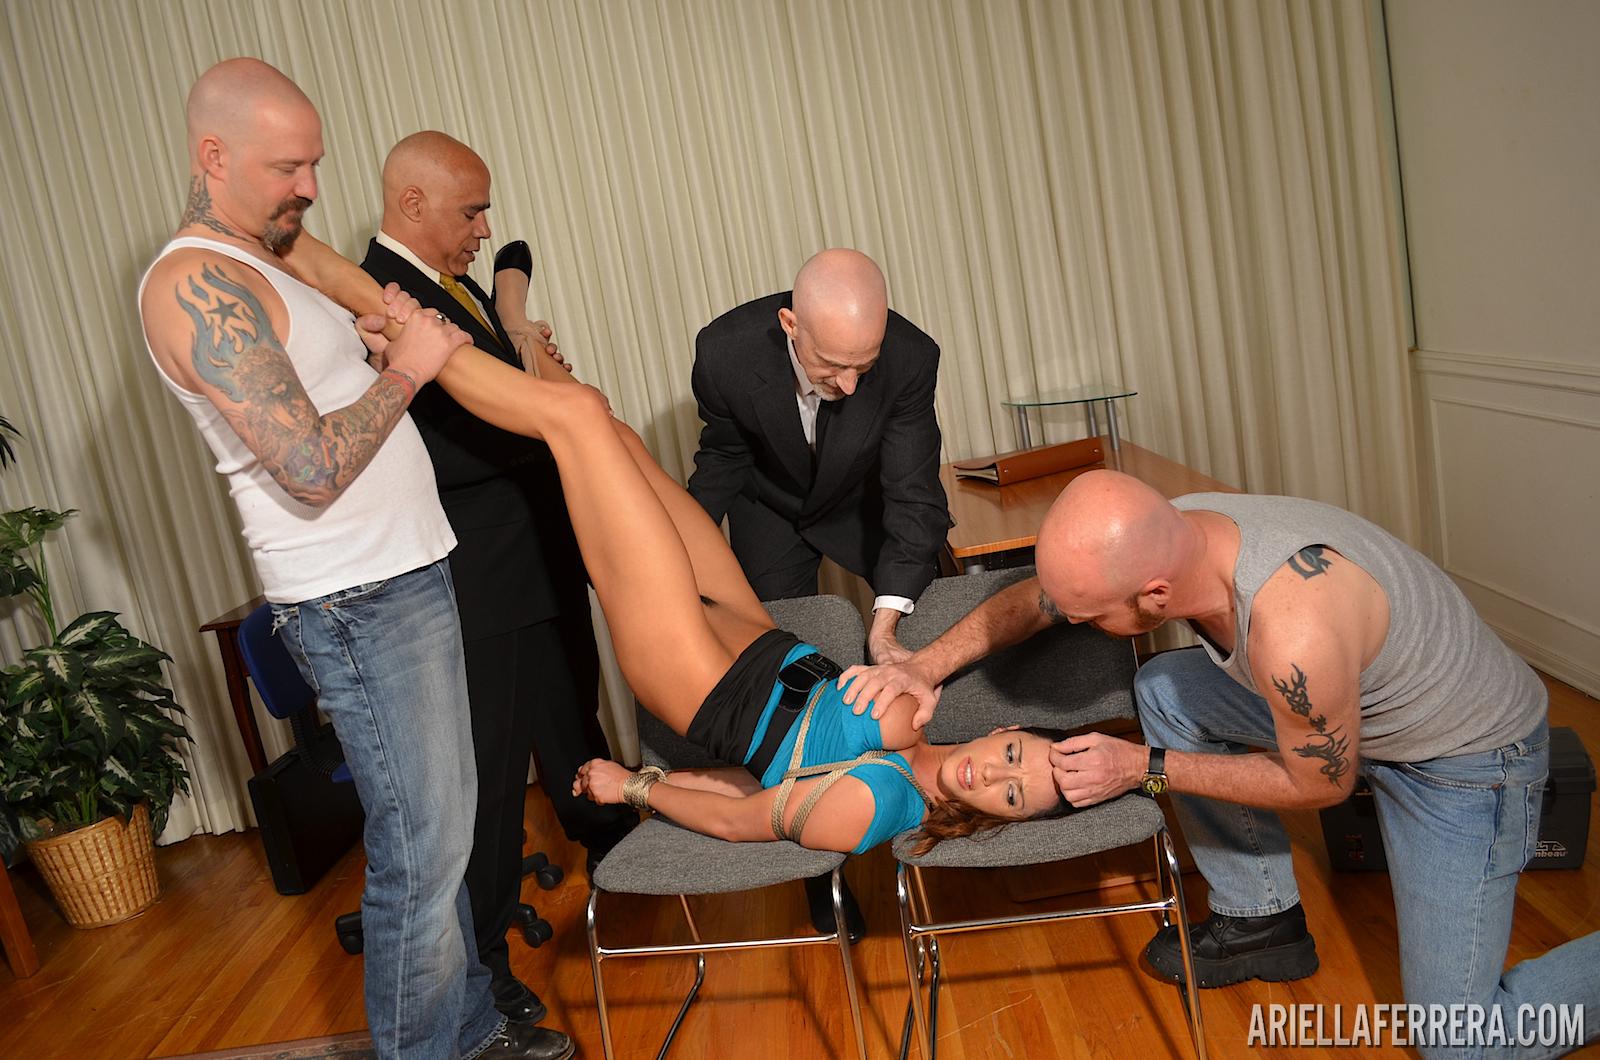 Lingam massage ablauf